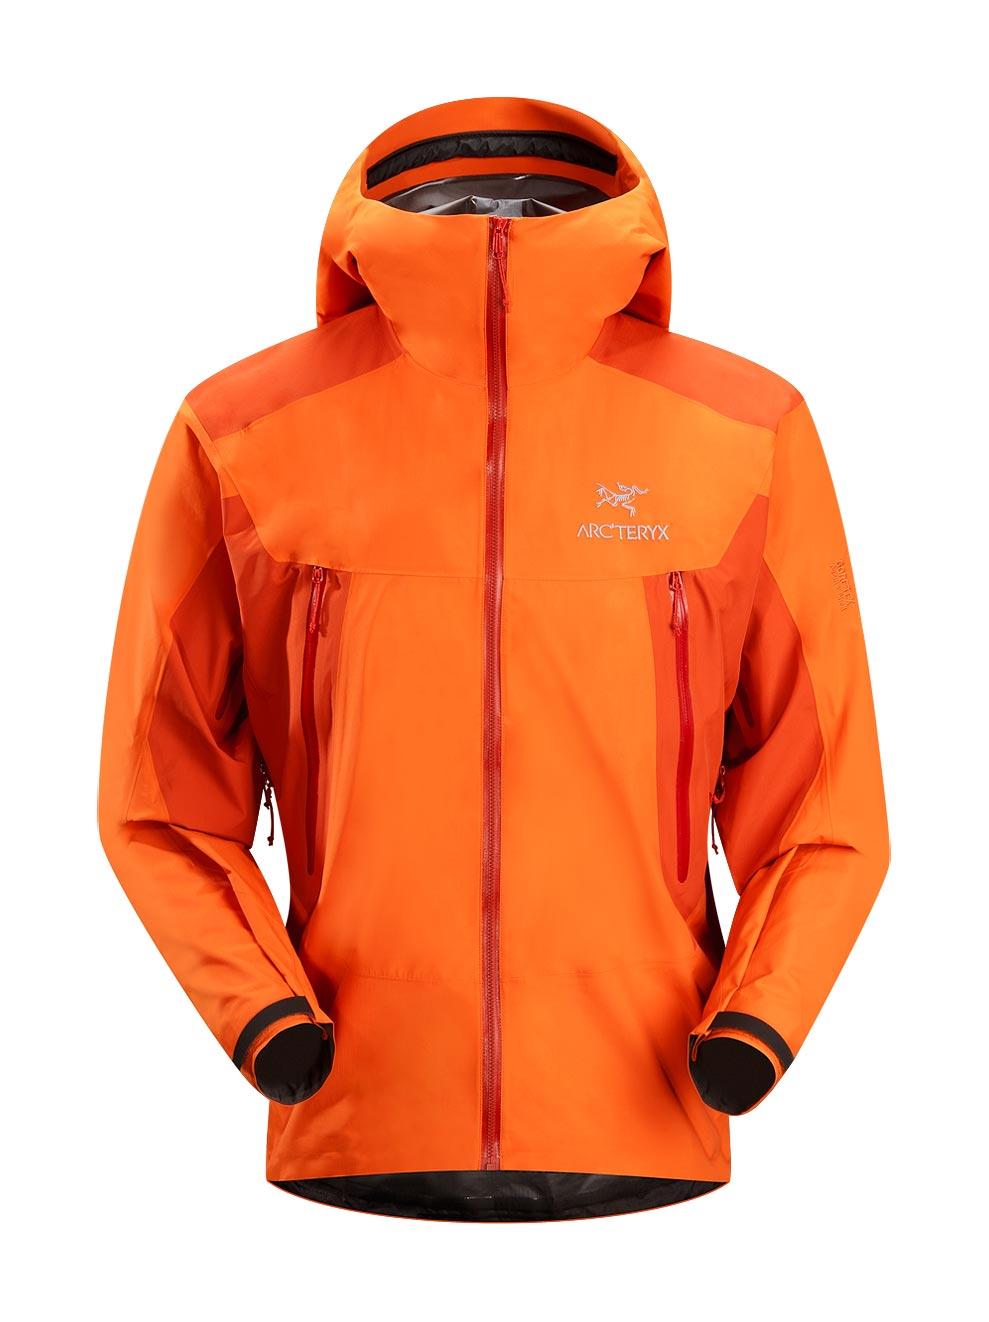 20f03bf87e1 Arcteryx Naranja Alpha SL Hybrid Jacket - New | Arc'teryx Jackets ...